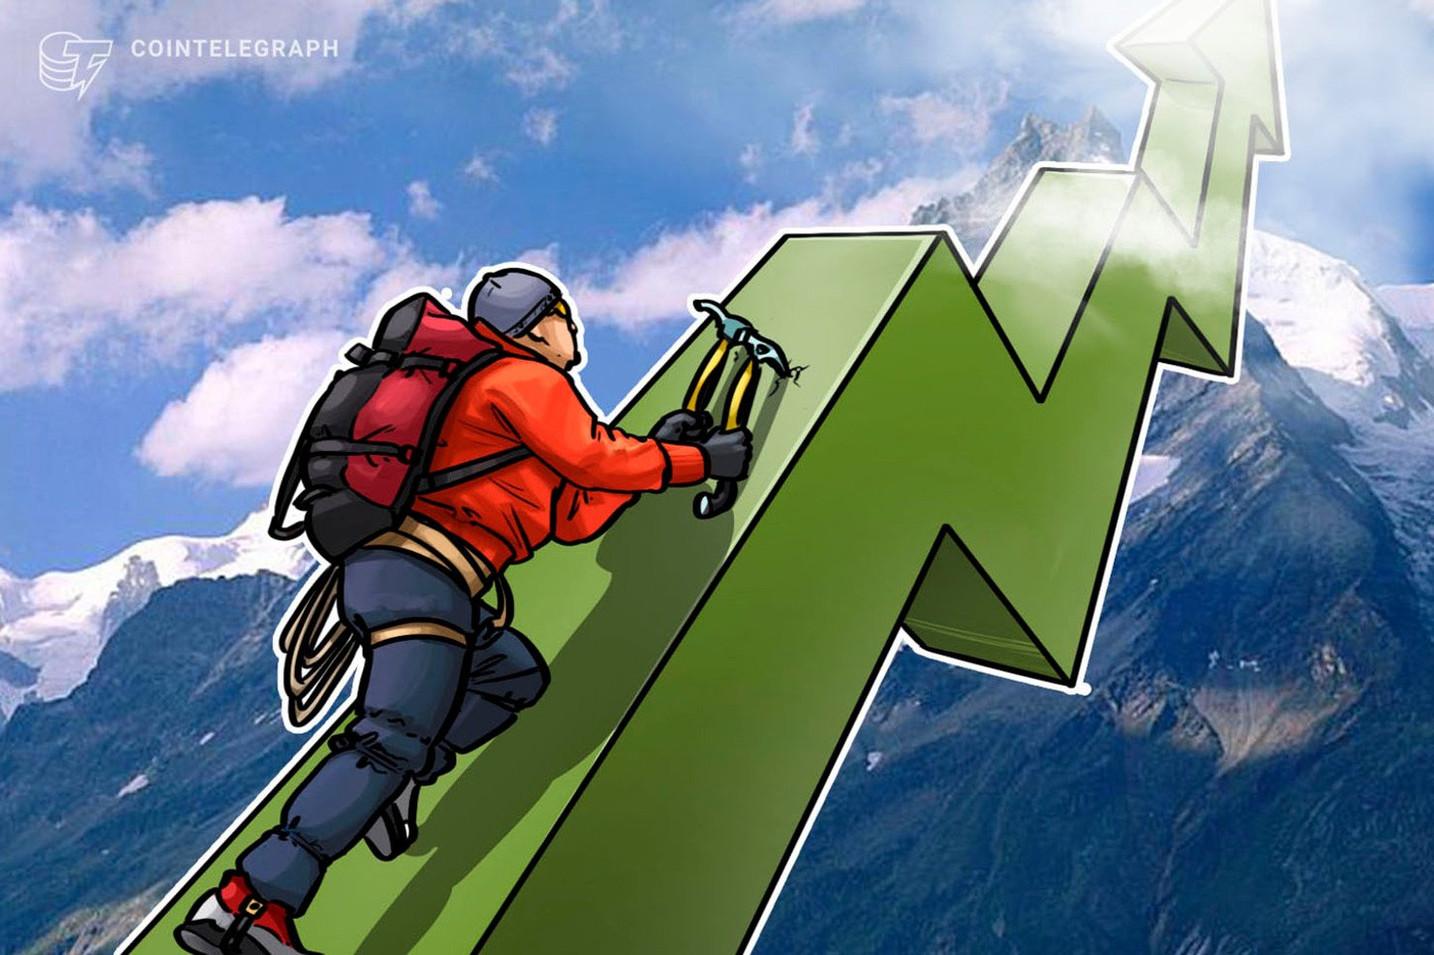 イーサ急騰止まらず、あらゆる指標でビットコイン上回る|ネムは年初来で130%超も上昇【仮想通貨相場】